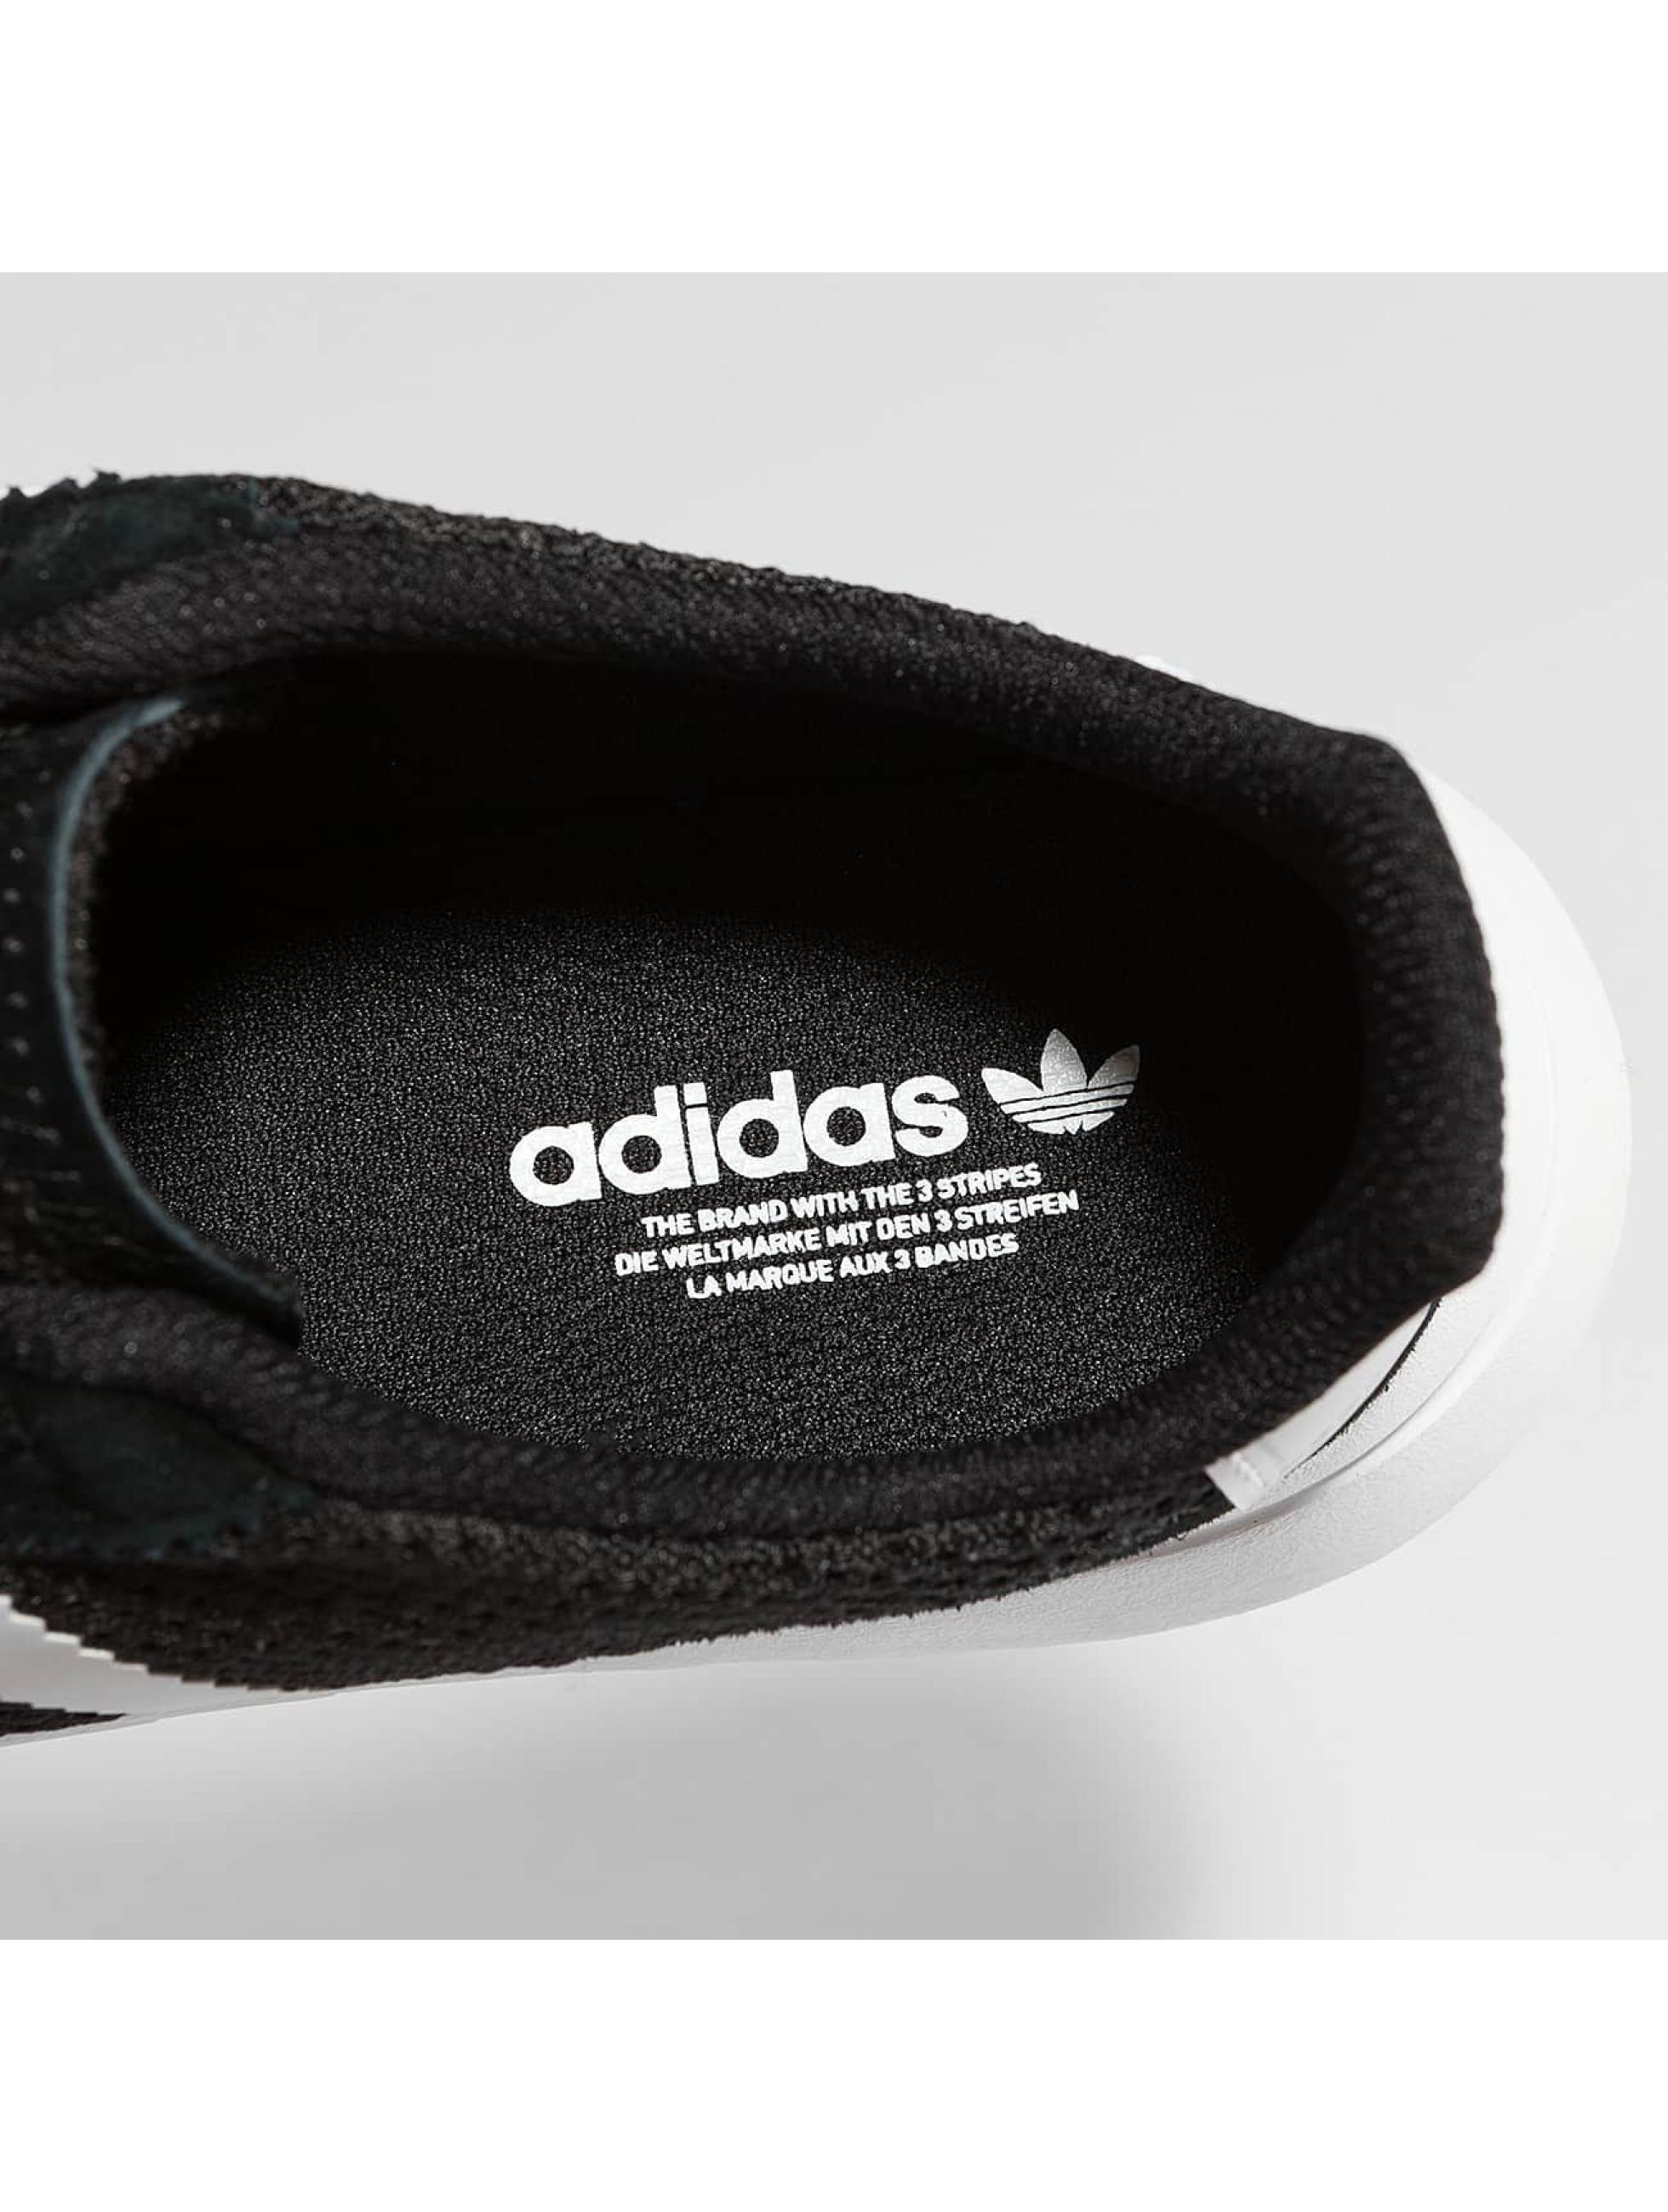 adidas Tennarit FLB musta